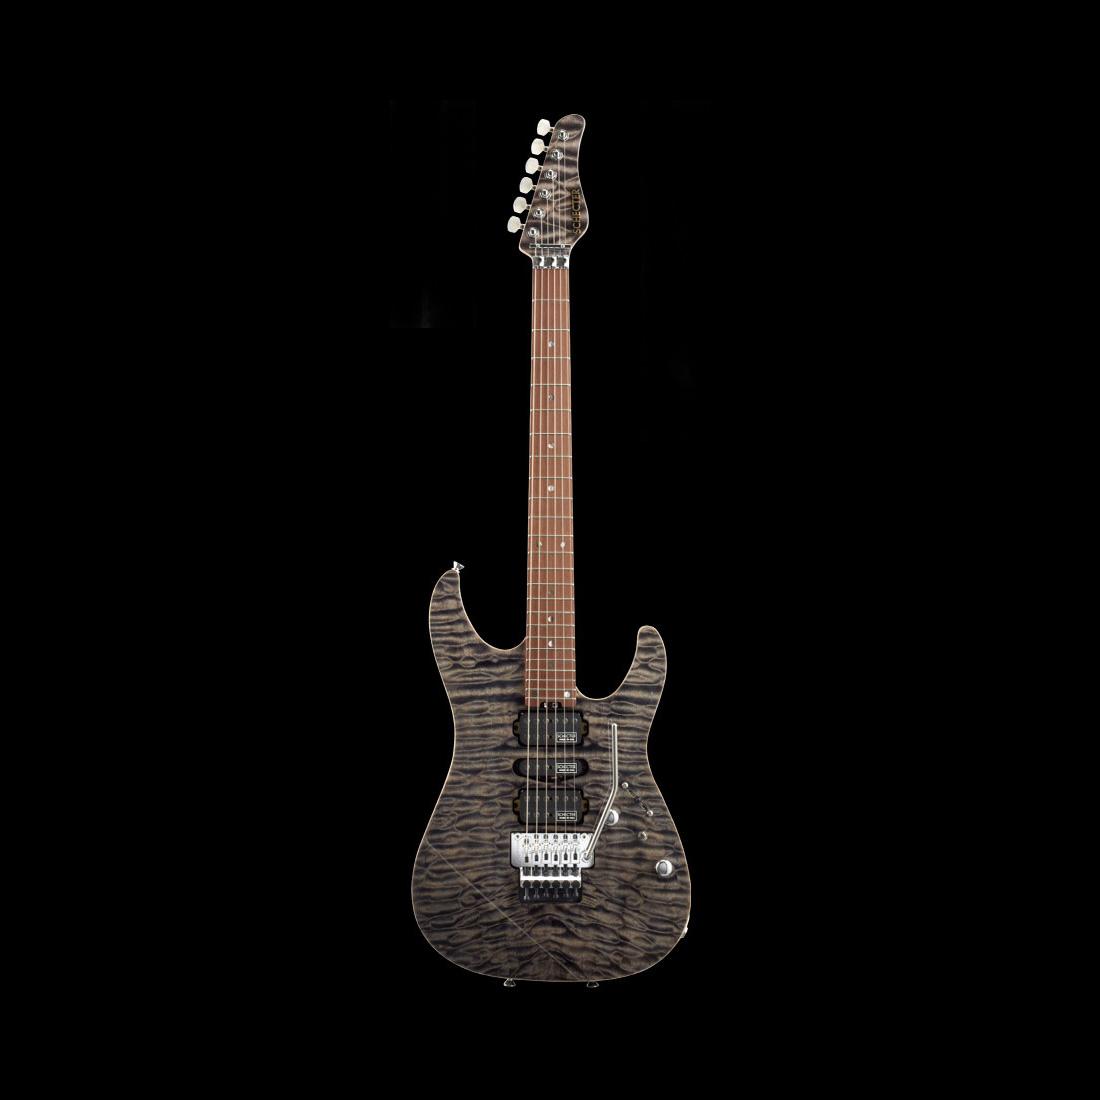 Schecter / EX-V-24-CTM-FRT R/NPG 5A Black Natural シェクター エレキギター 《完全受注生産:予約受付中》